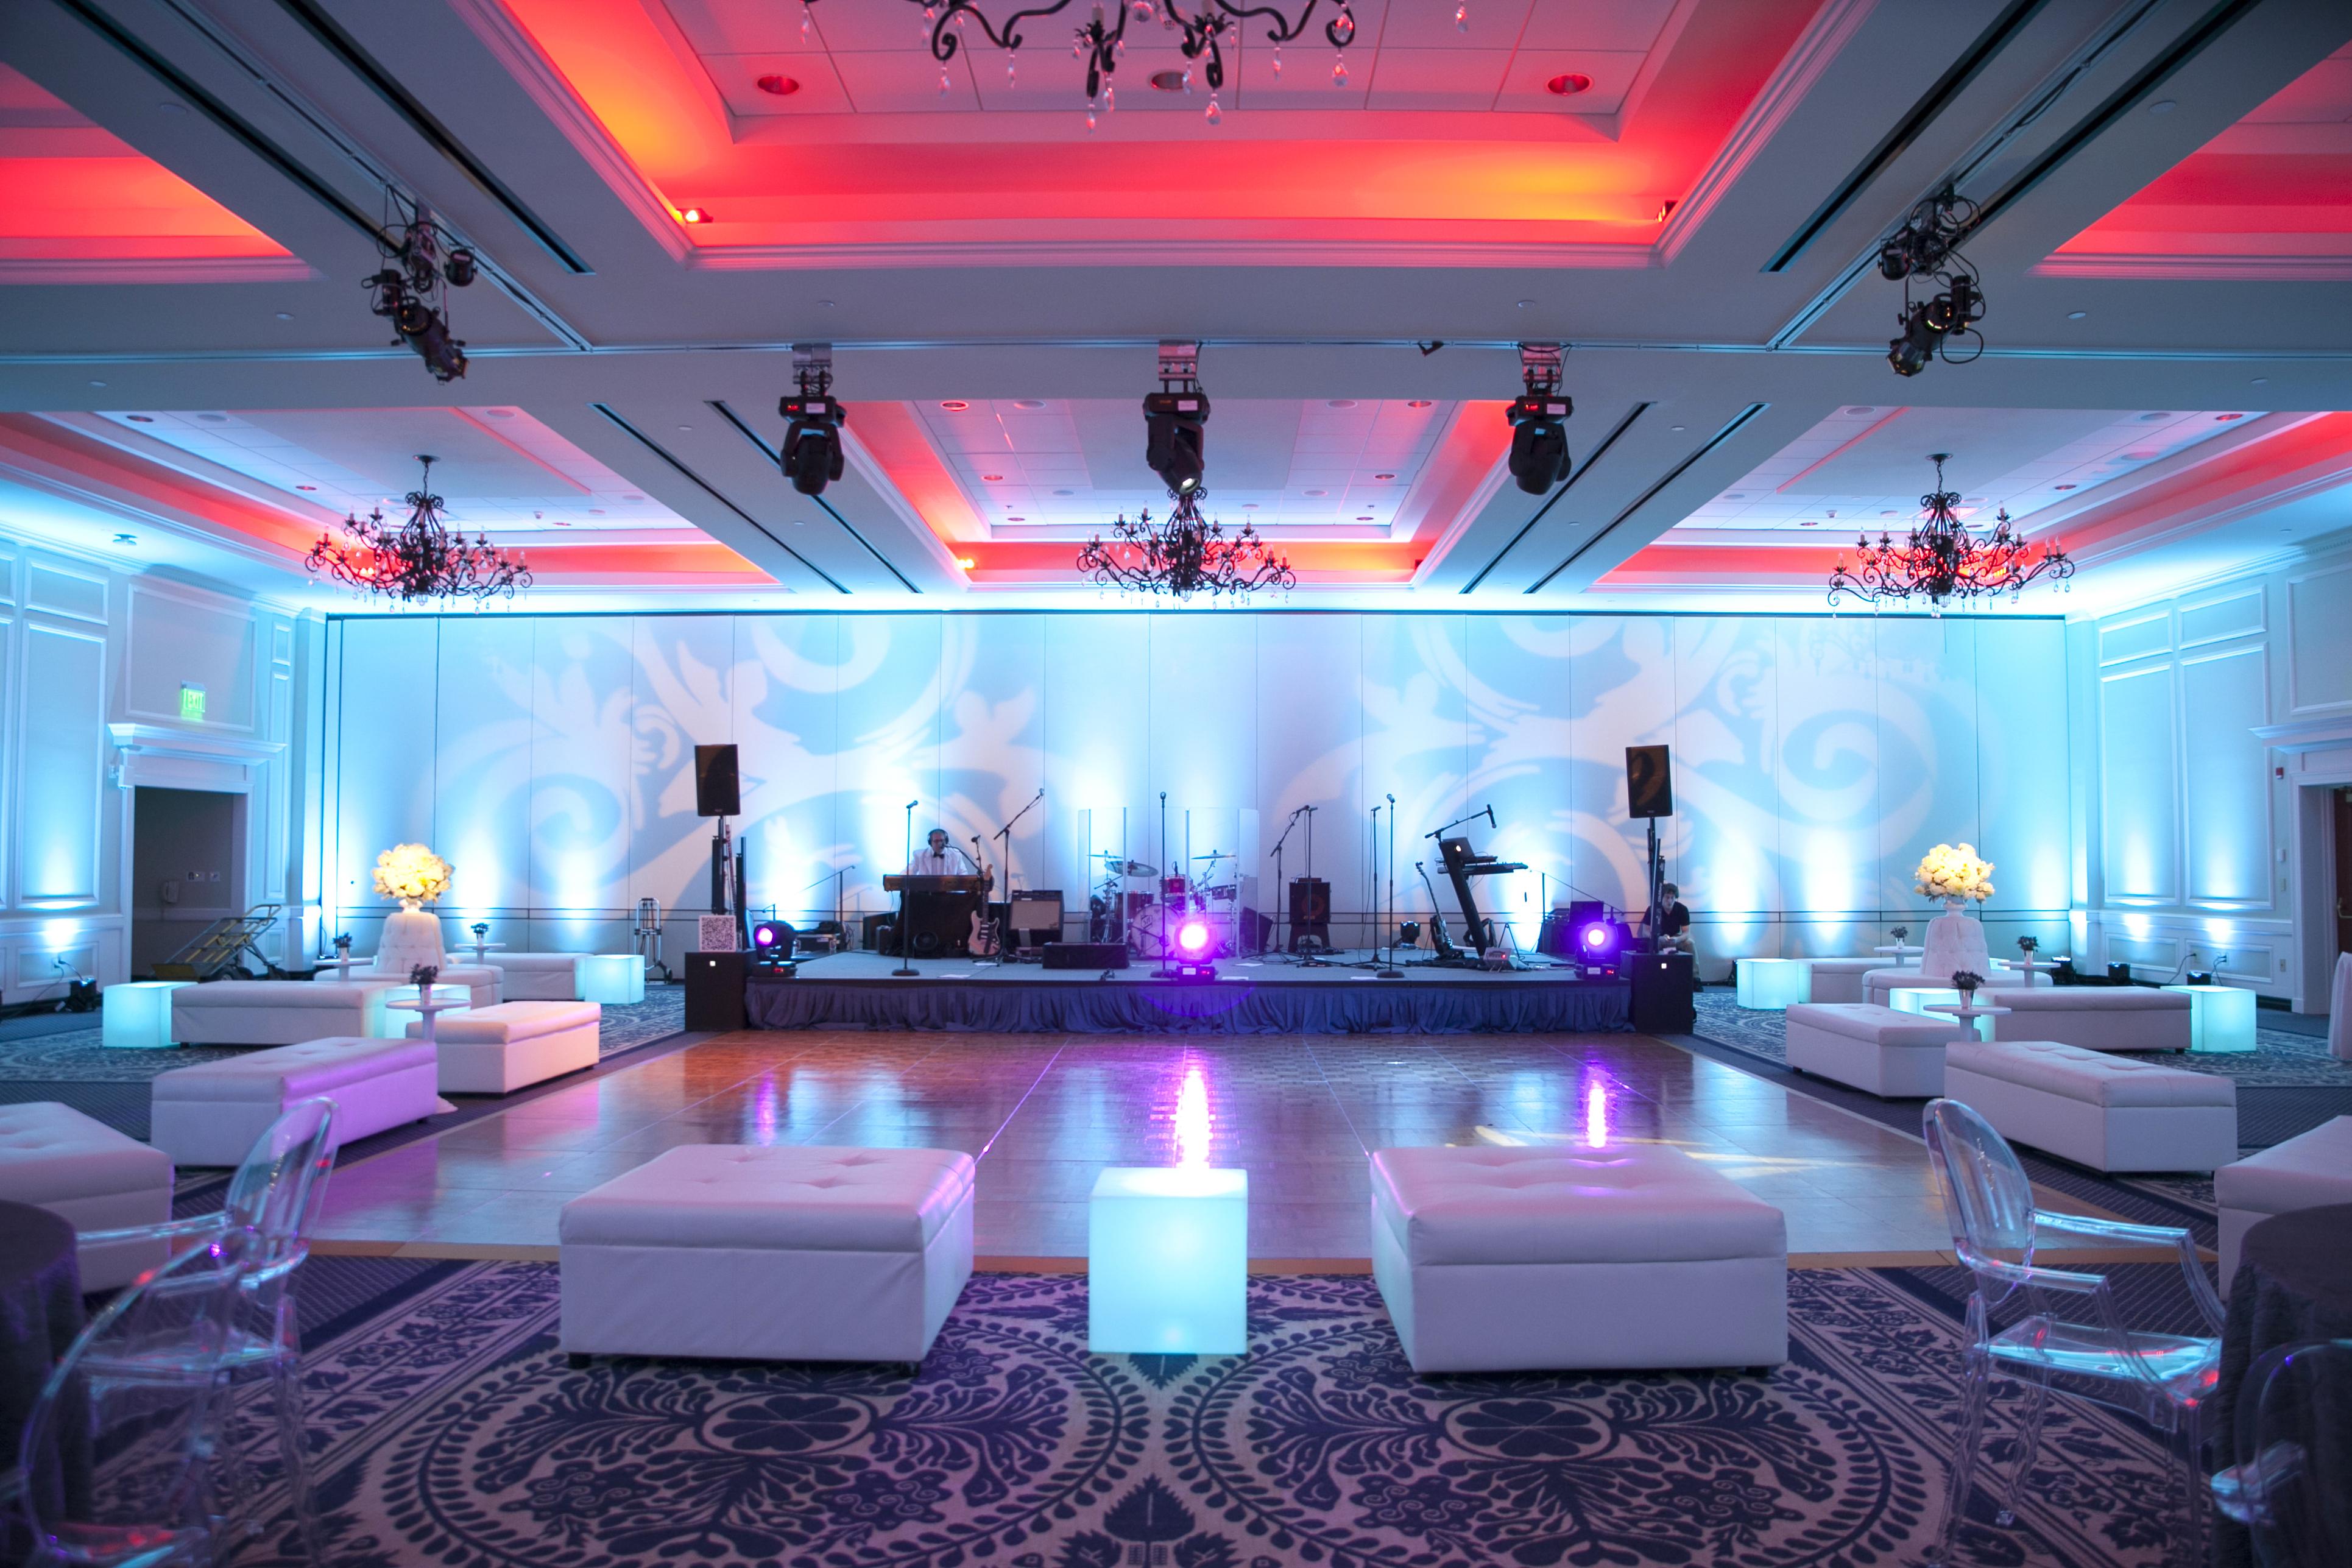 event lighting trends in 2016